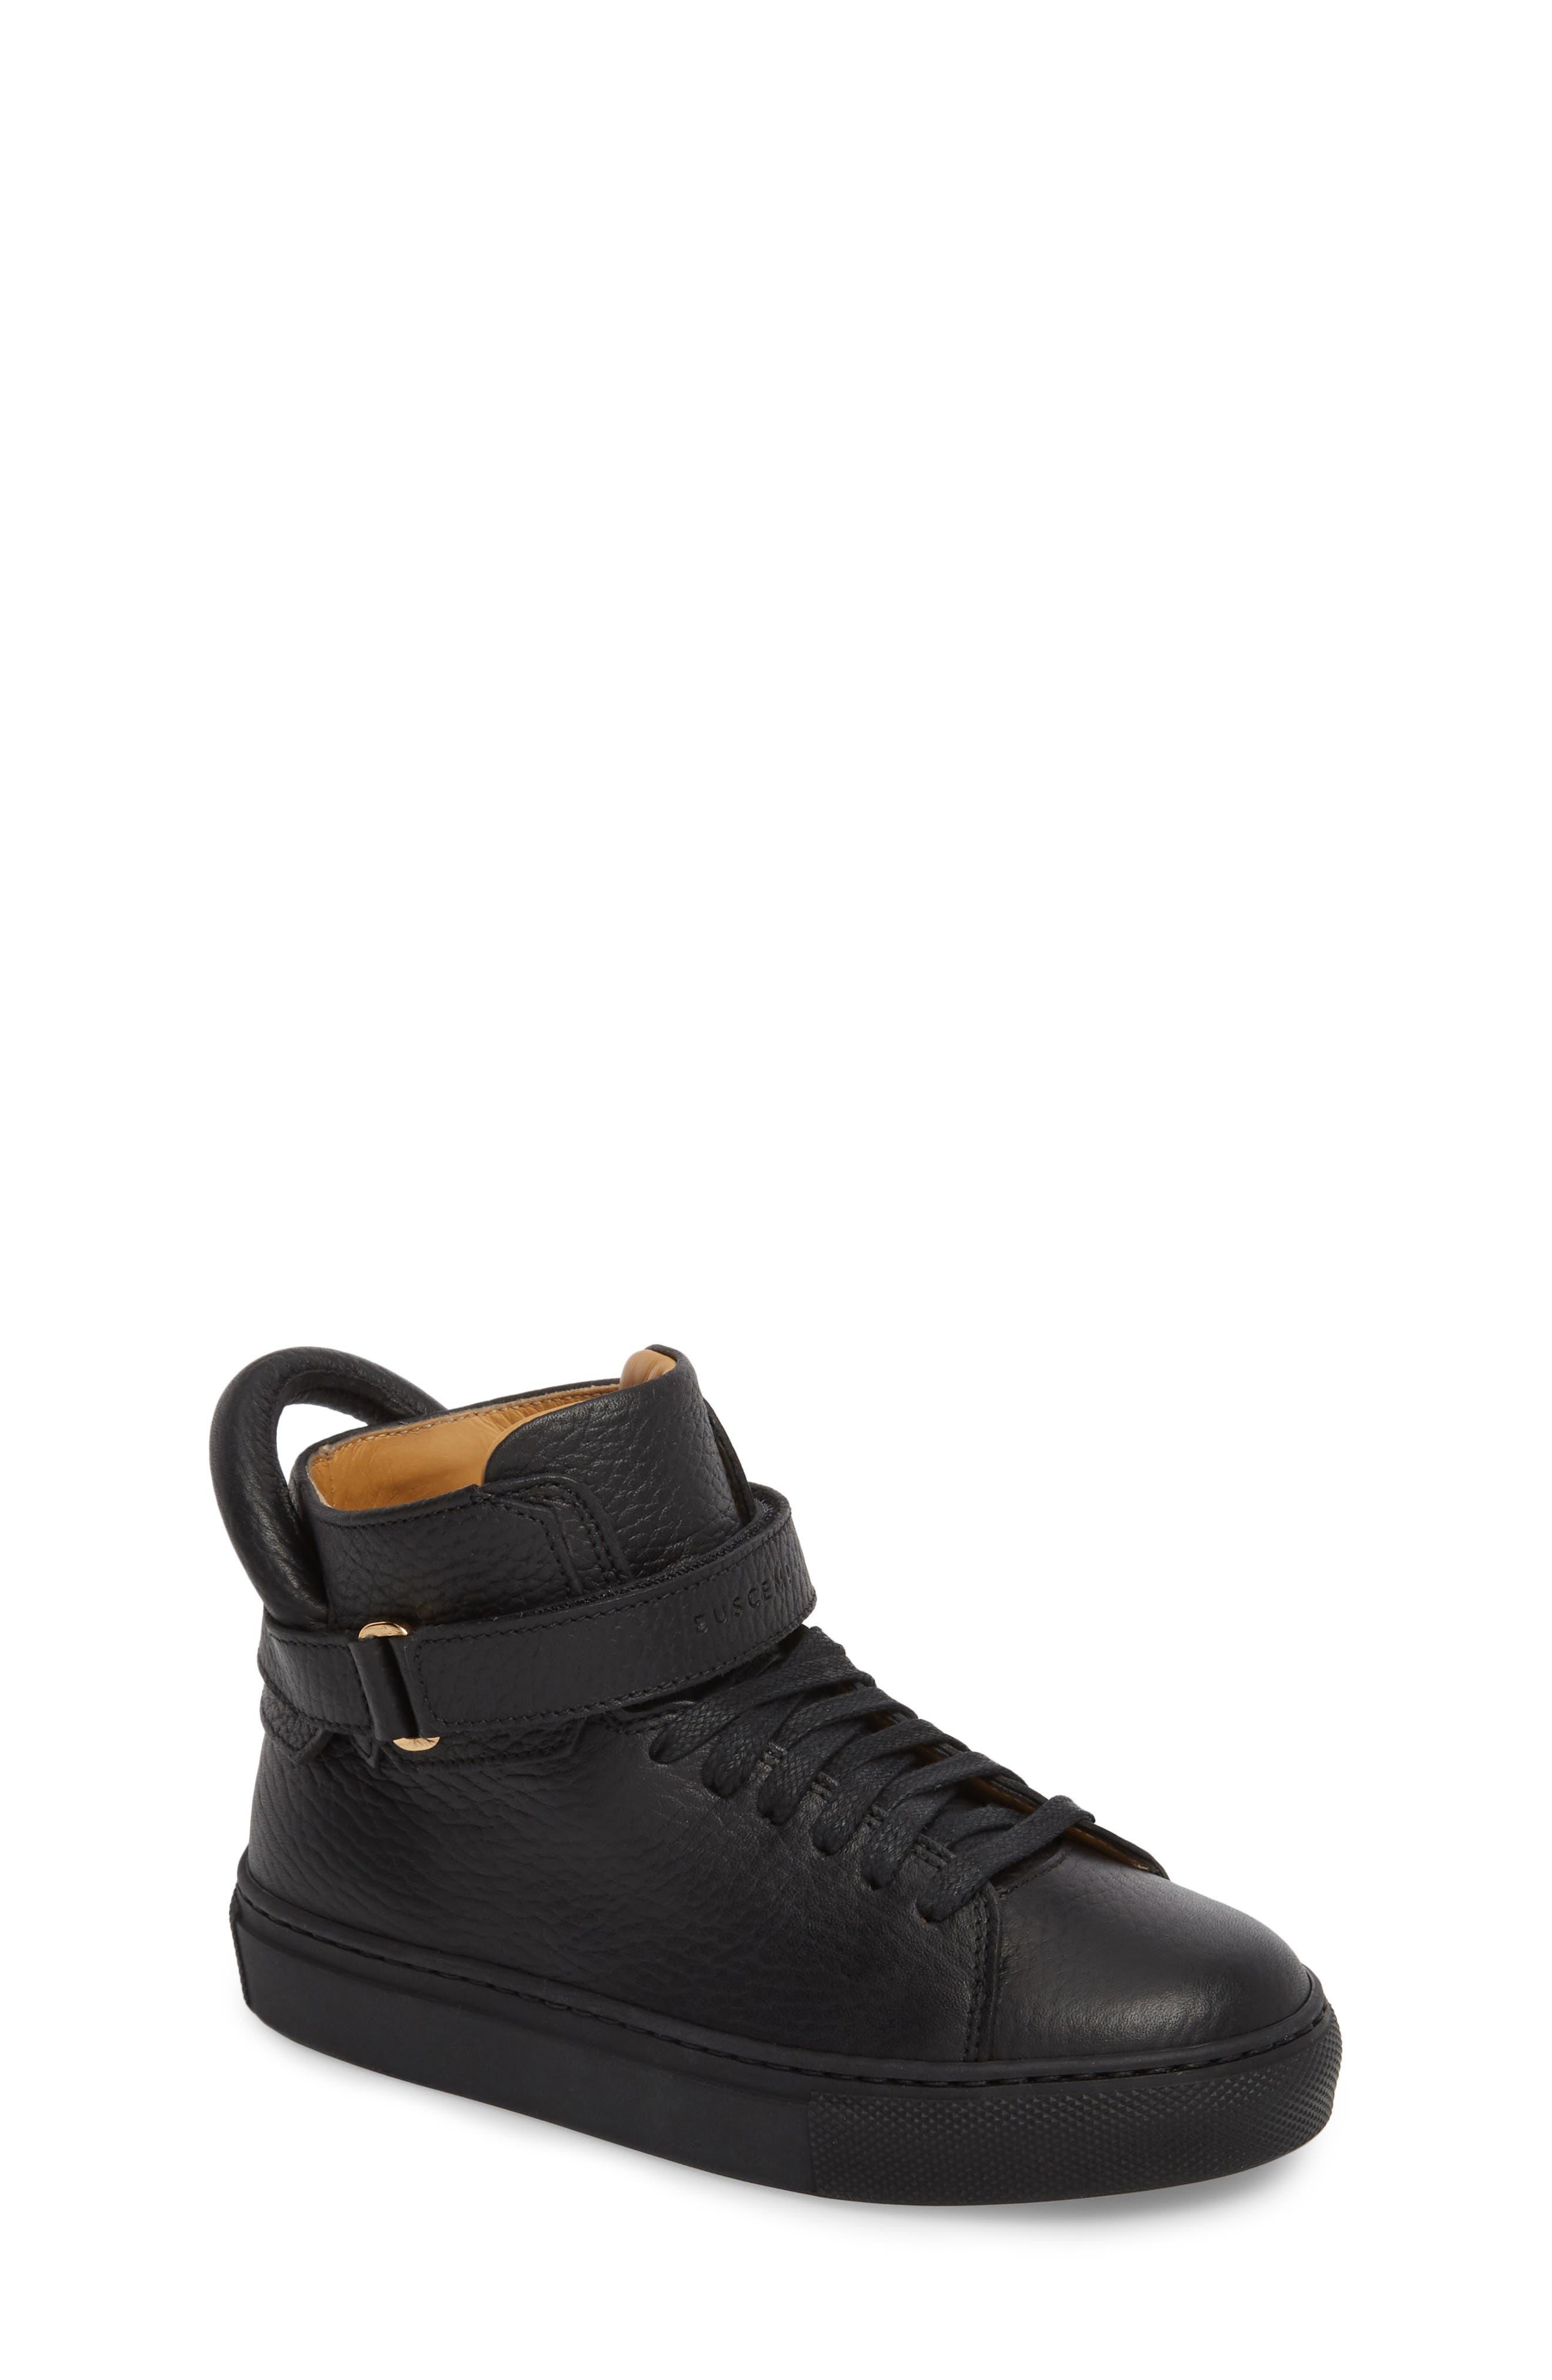 Buscemi High Top Sneaker (Toddler & Little Kid)